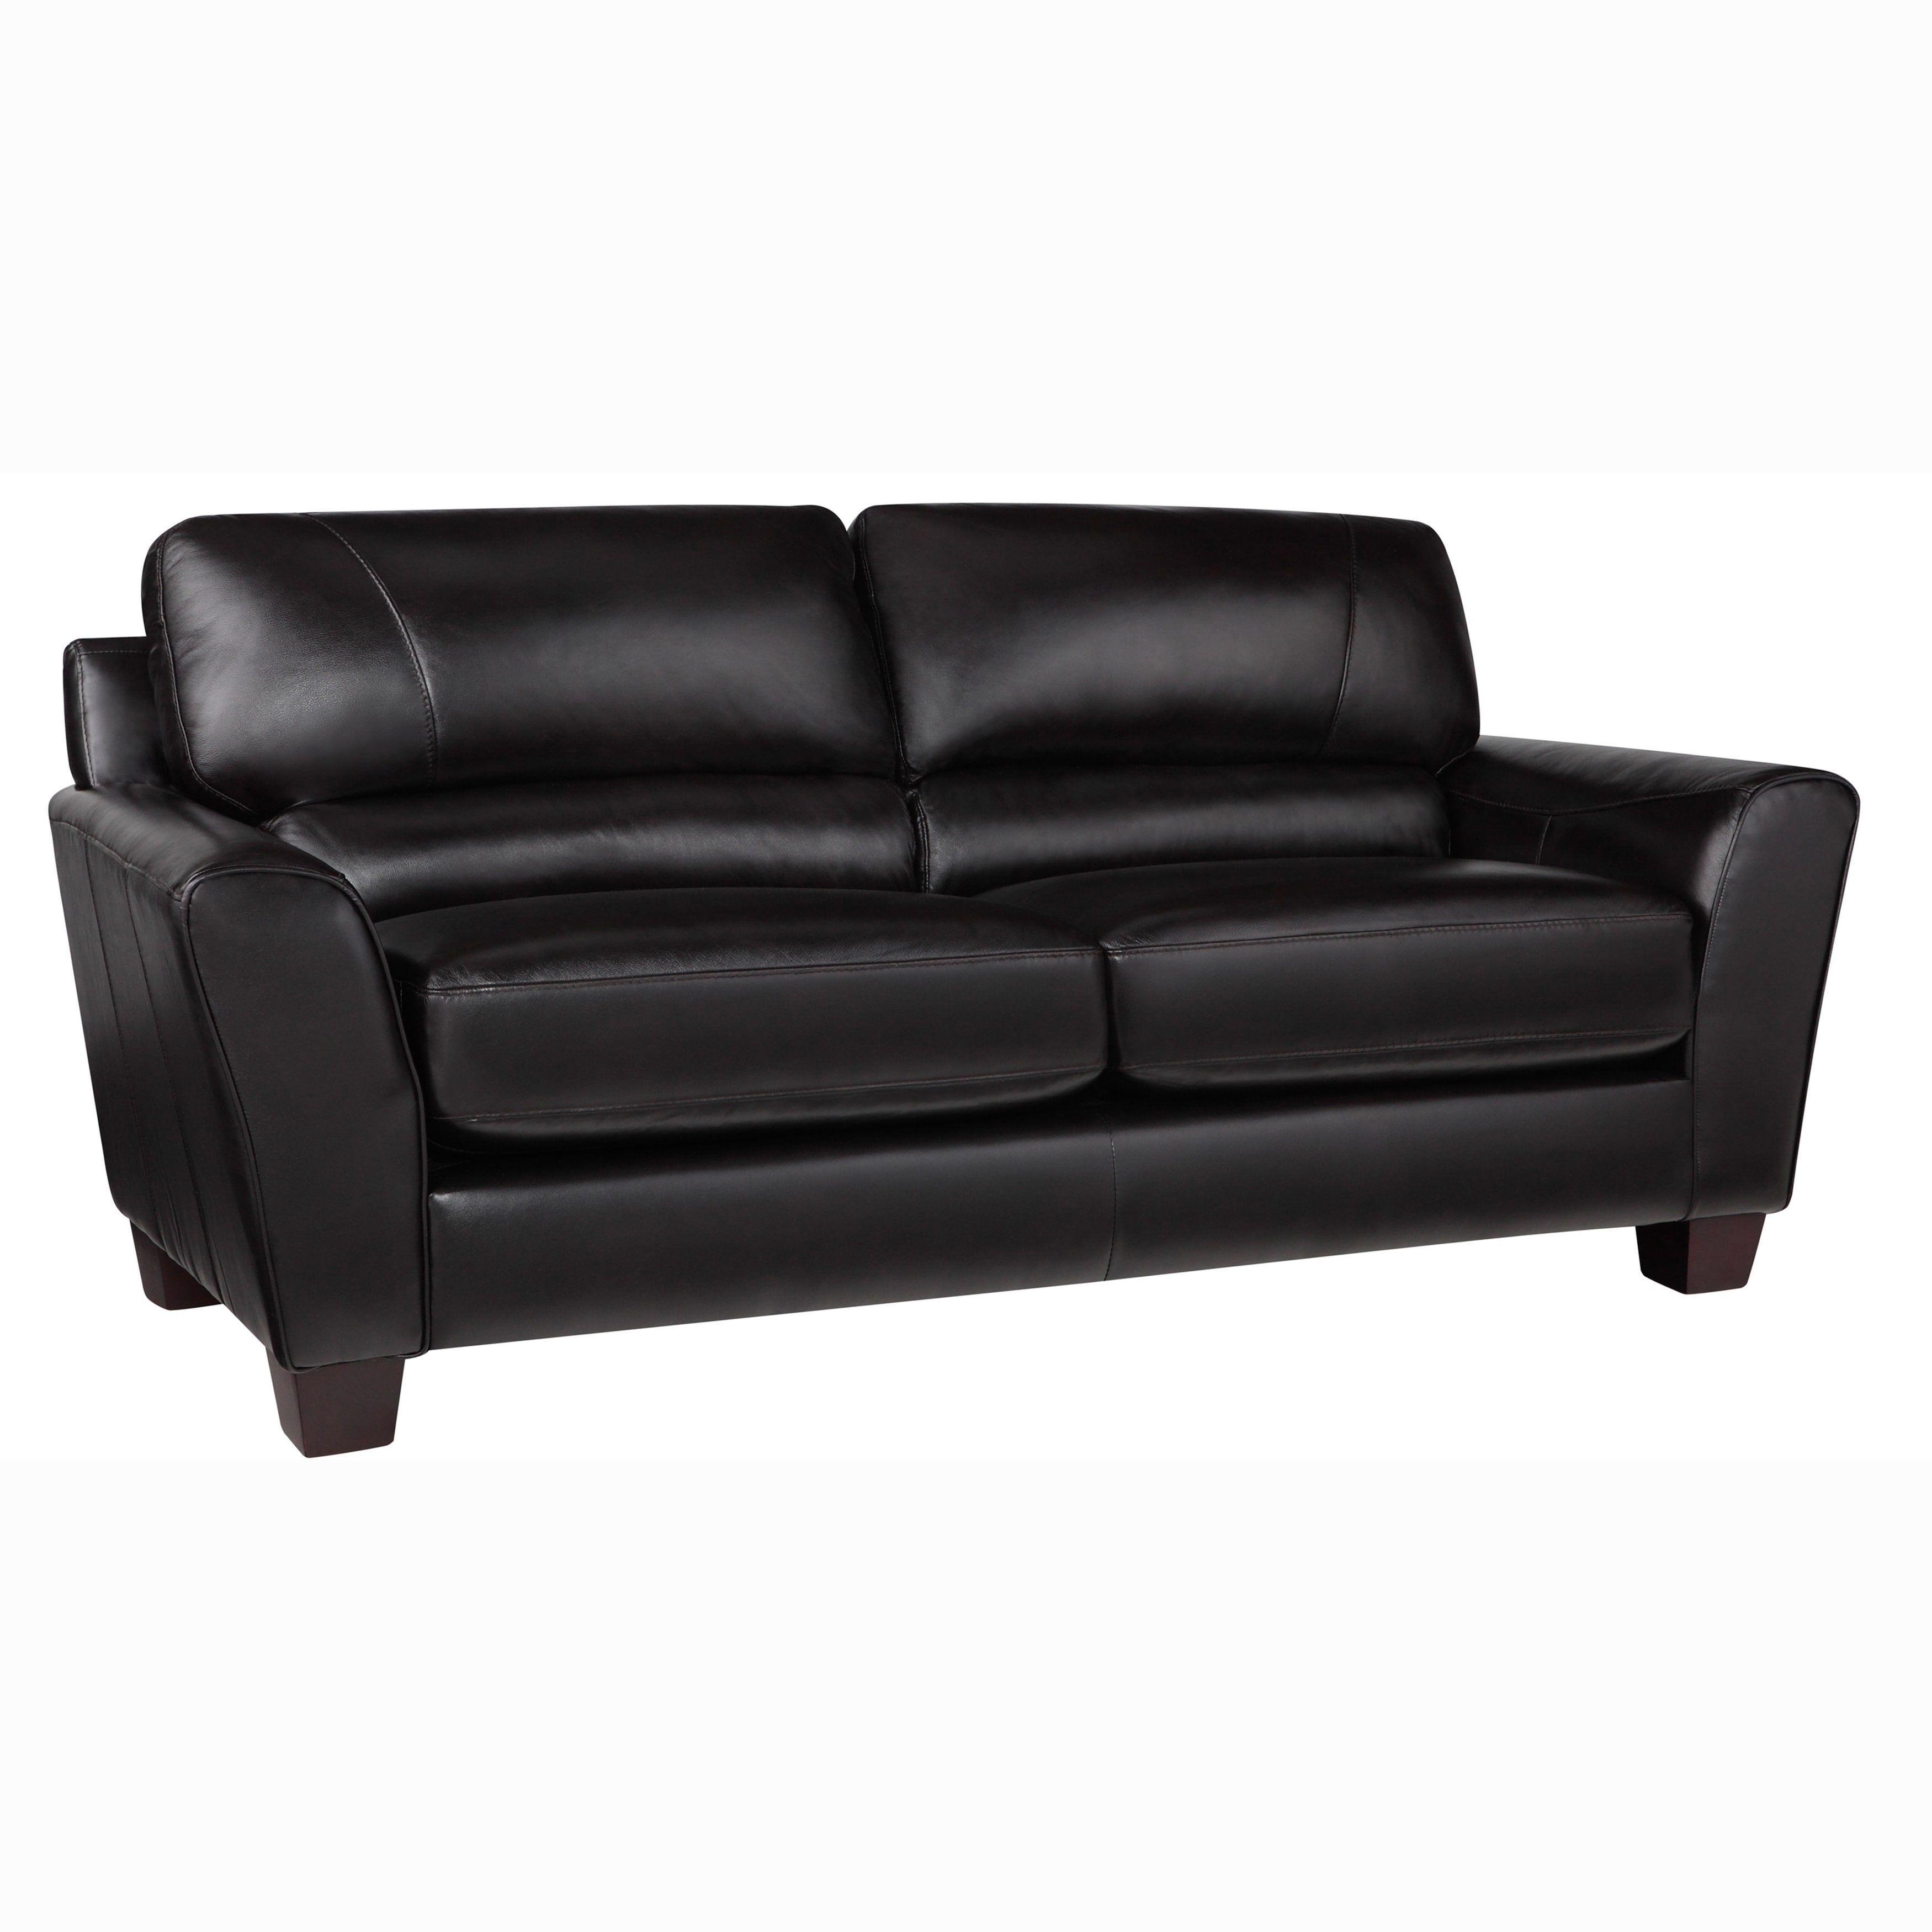 Espresso Dark Brown Italian Leather Sofa